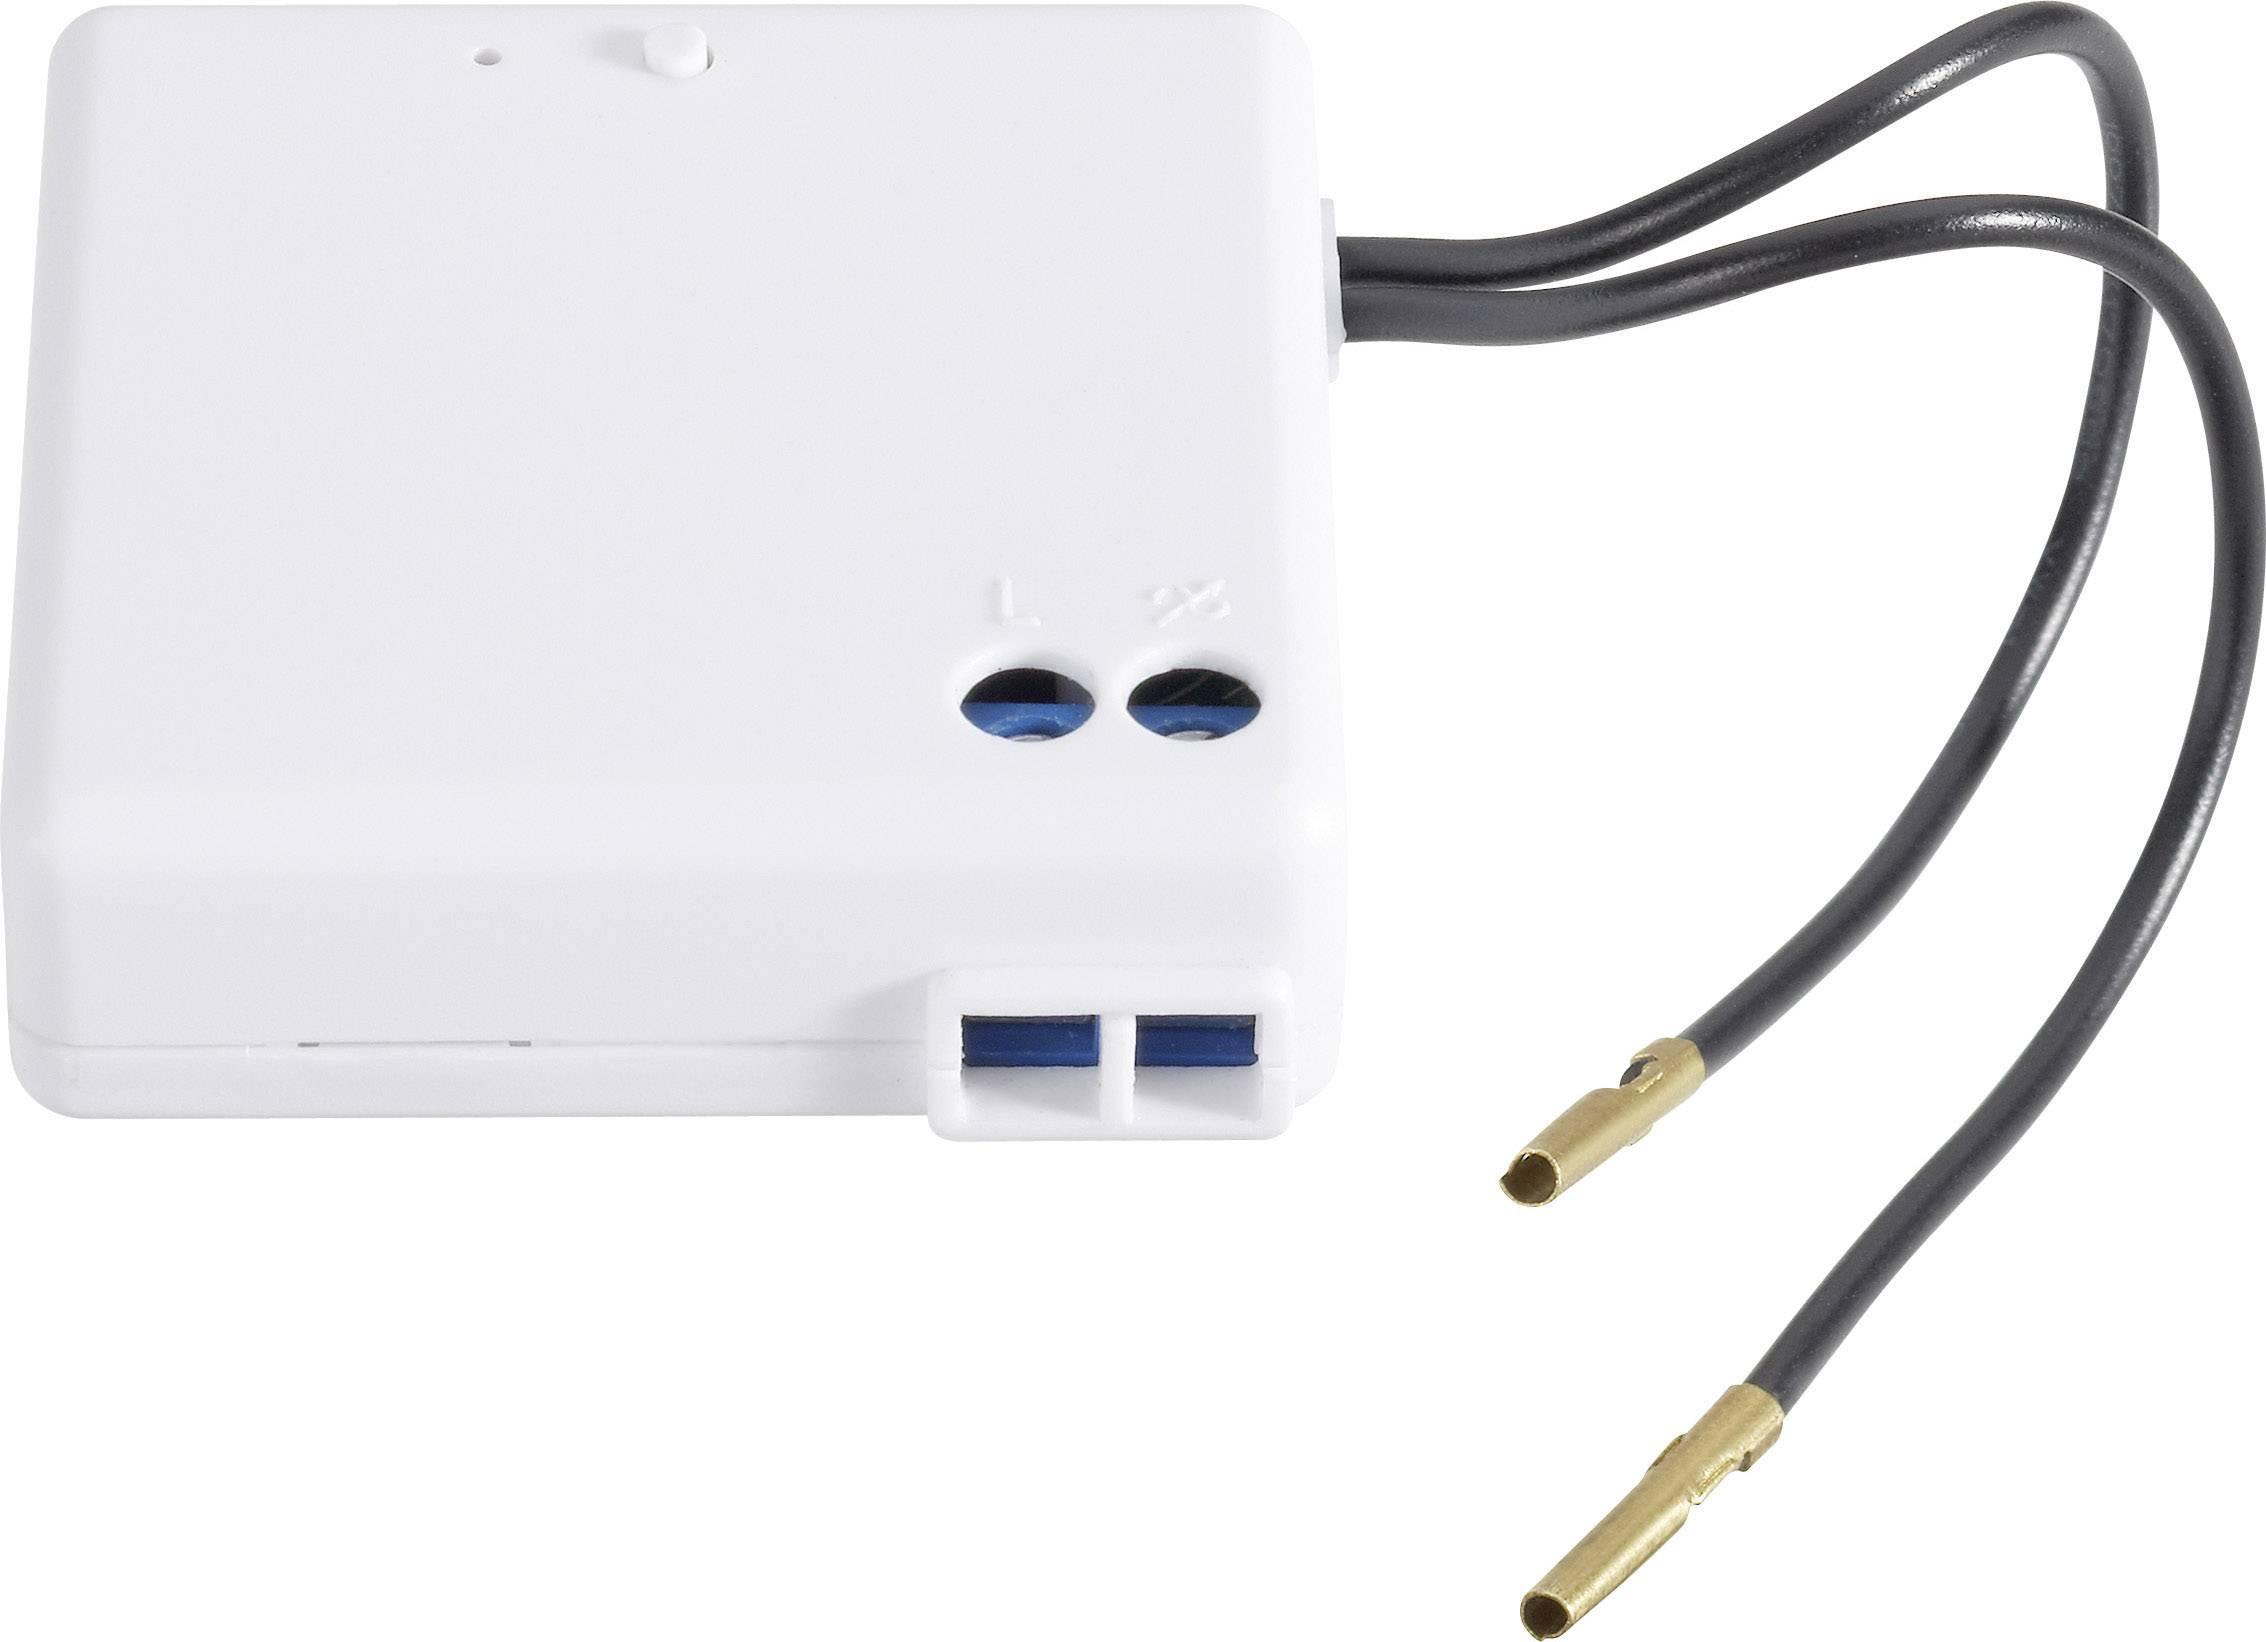 Vestavný RSL spínač, 2drátové připojení, ohm. zátěž 5 - 300 W, induk. zátěž 5 - 100 W